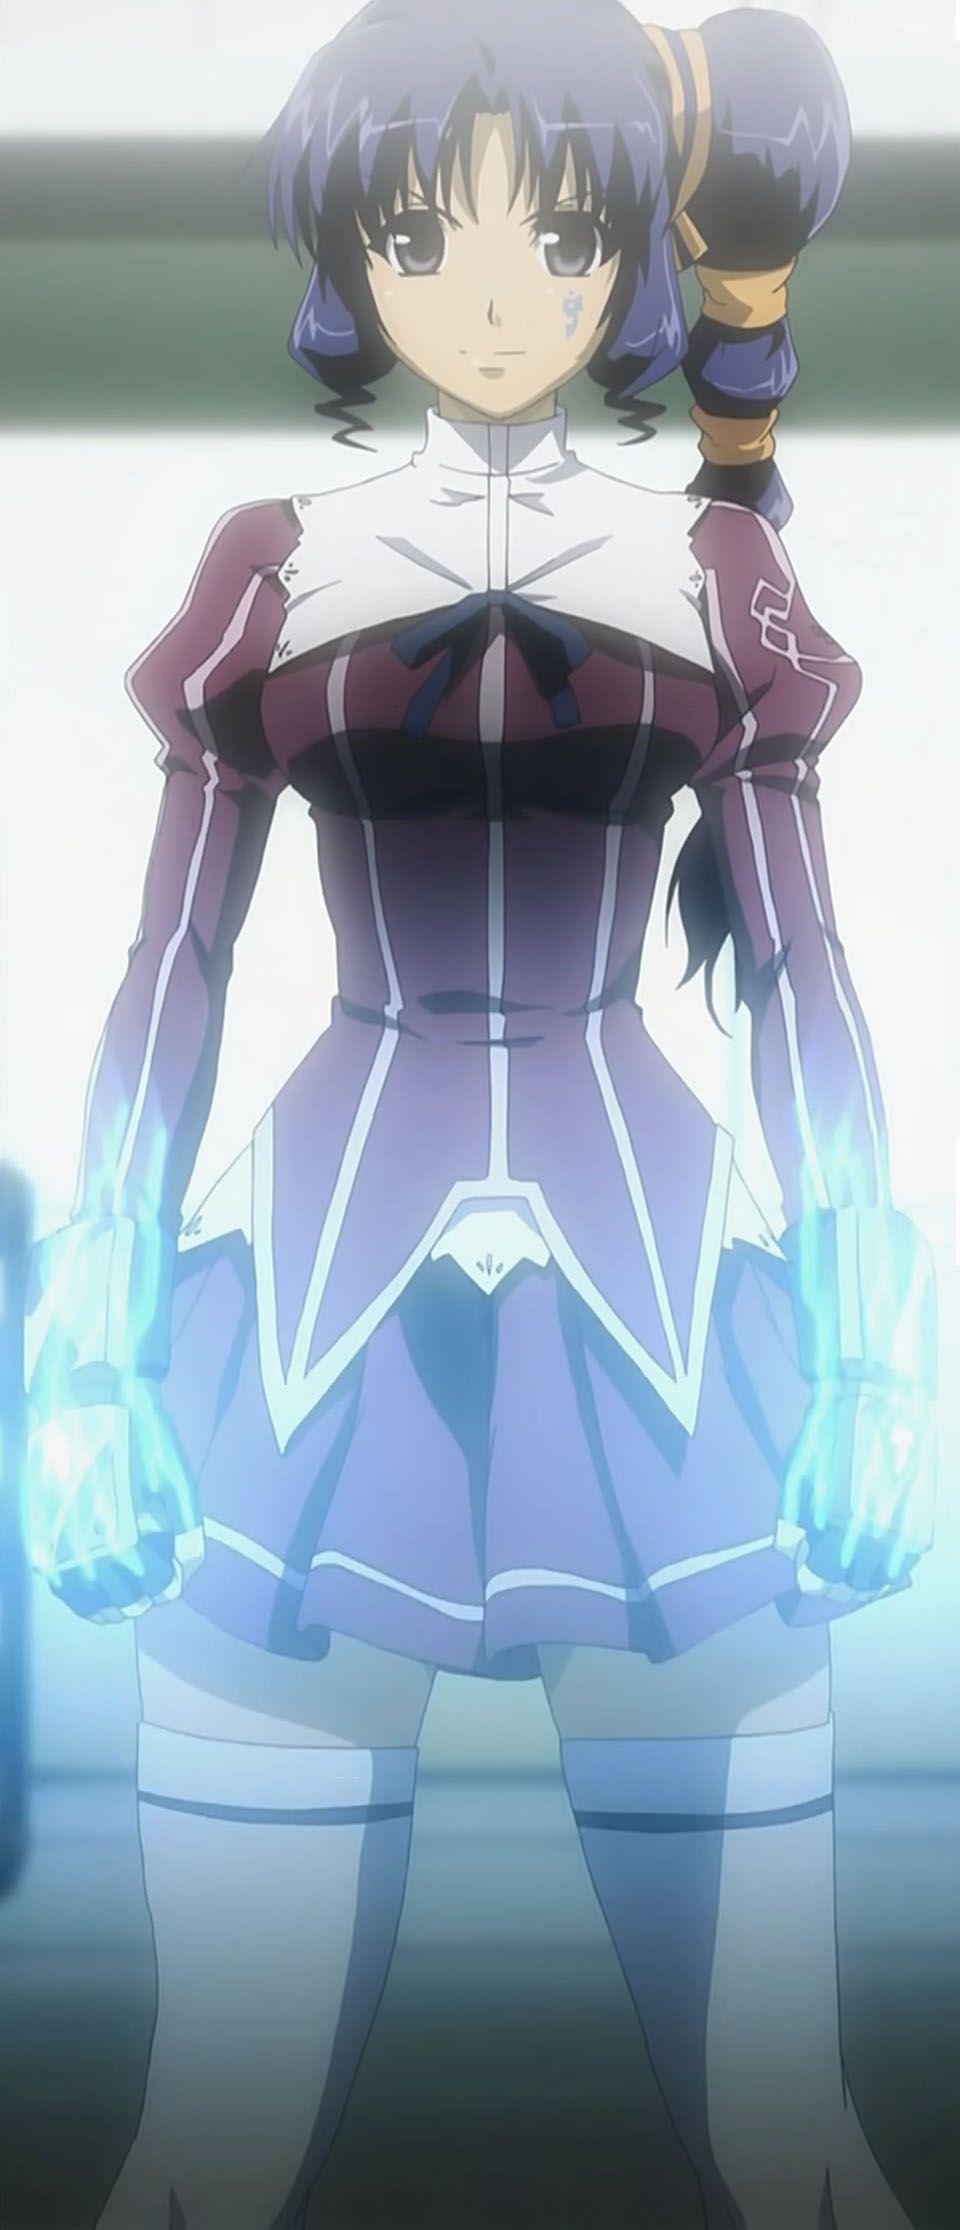 Rana Linchen Freezing Freezing anime, Frozen, Anime